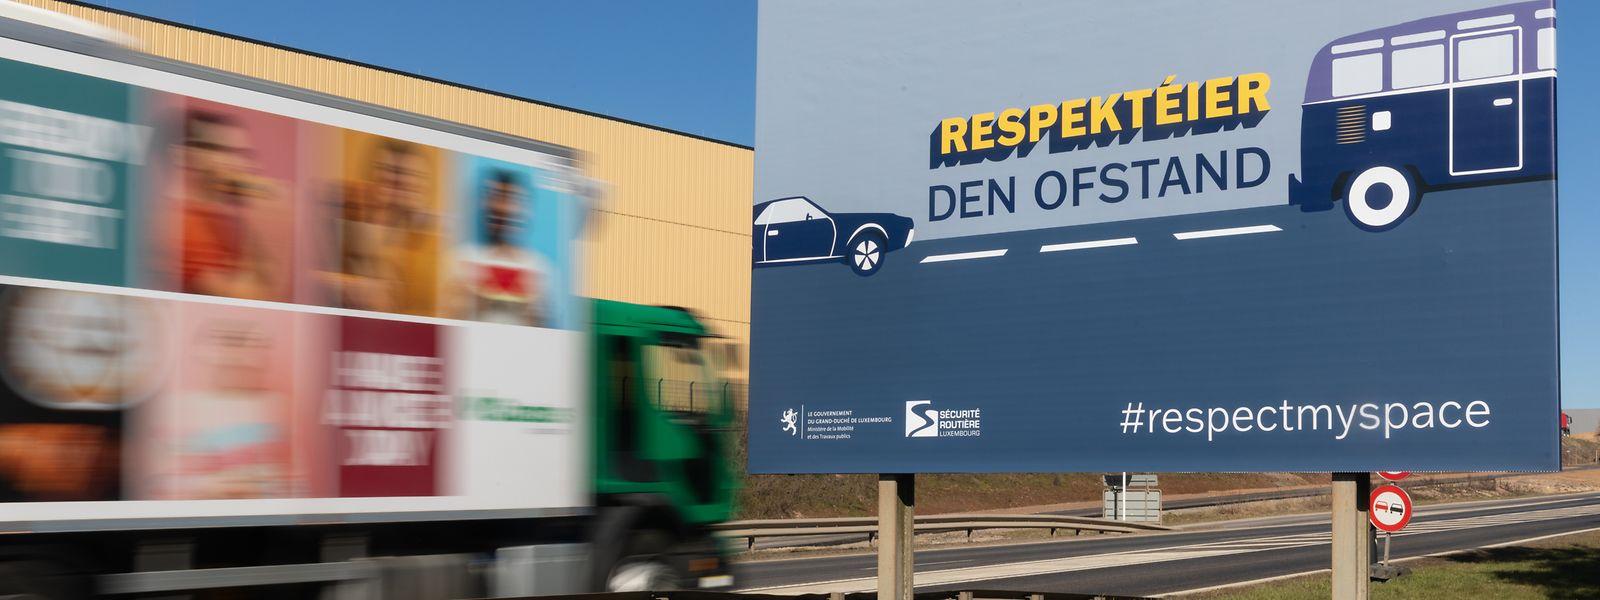 Entlang von Landstraßen und Autobahnen wird die neue Kampagne drei Monate lang zu sehen sein, auf anderen Kanälen läuft sie während vier Wochen.